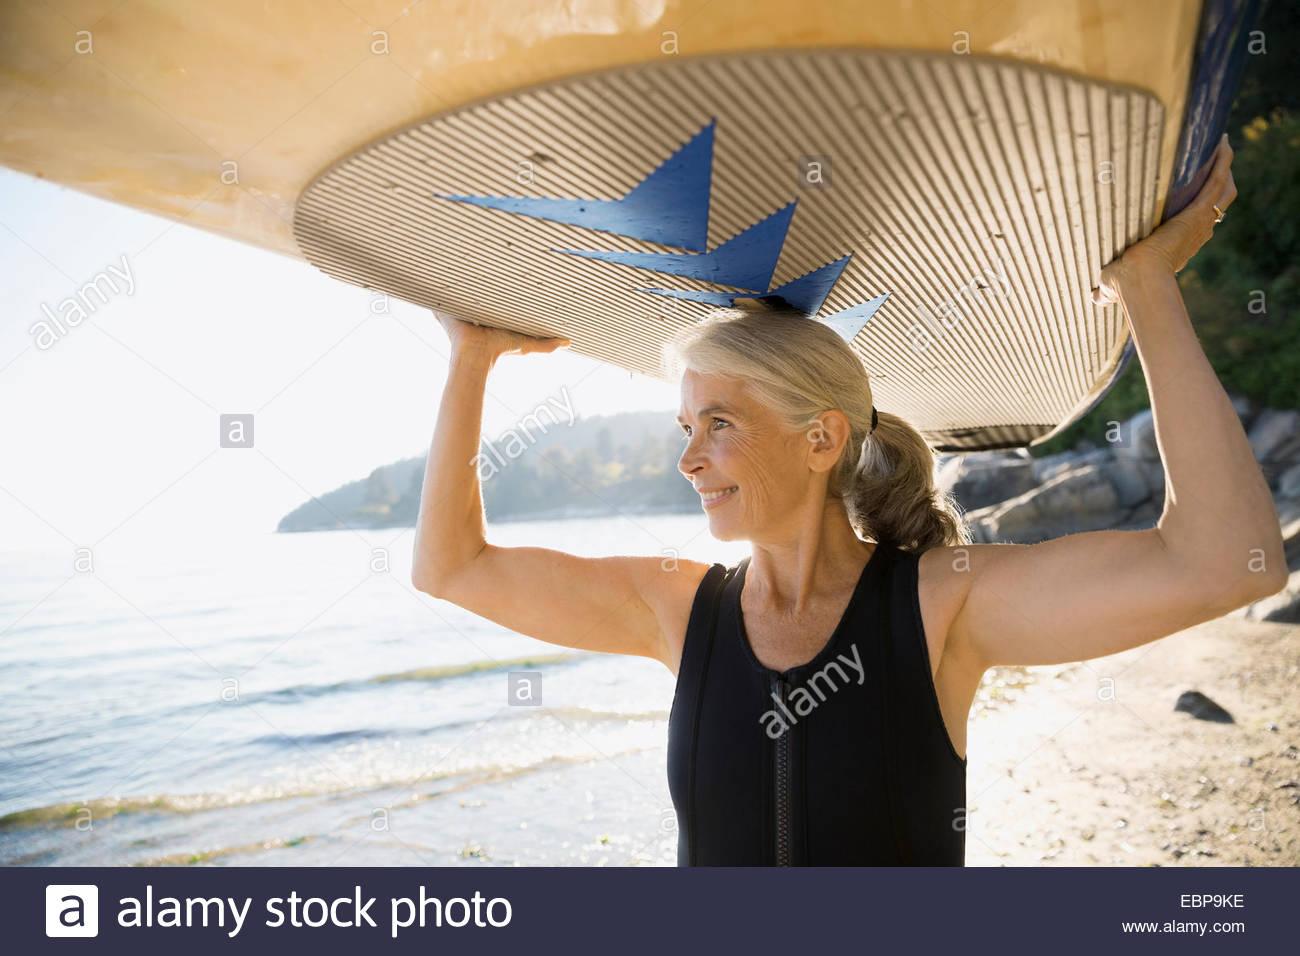 Mujer sosteniendo Senior paddle board sobrecarga en la playa Imagen De Stock